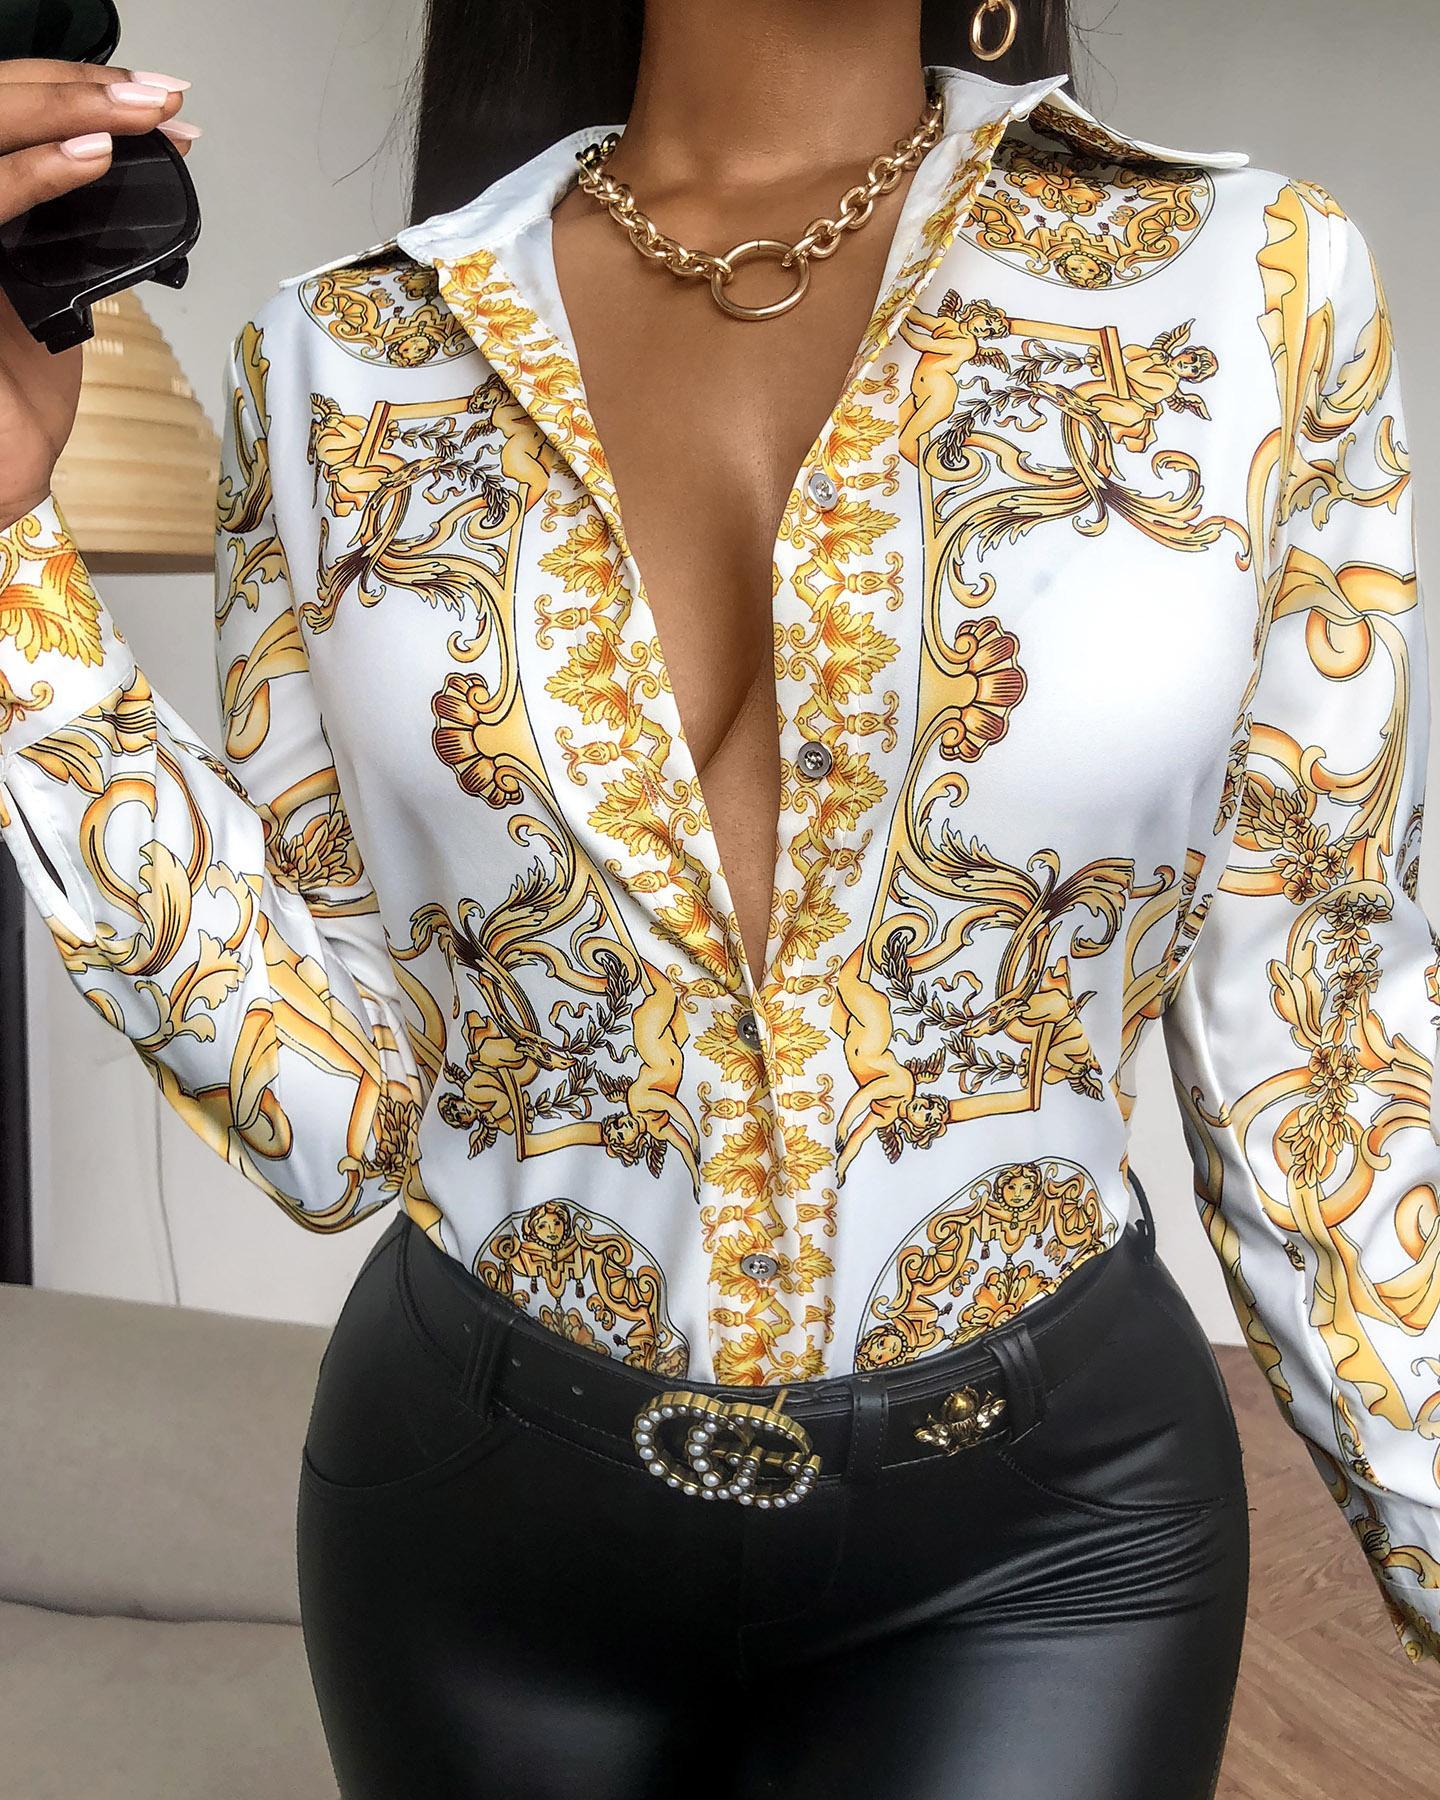 boutiquefeel / Camisa estampada retro de lenço com design de botão